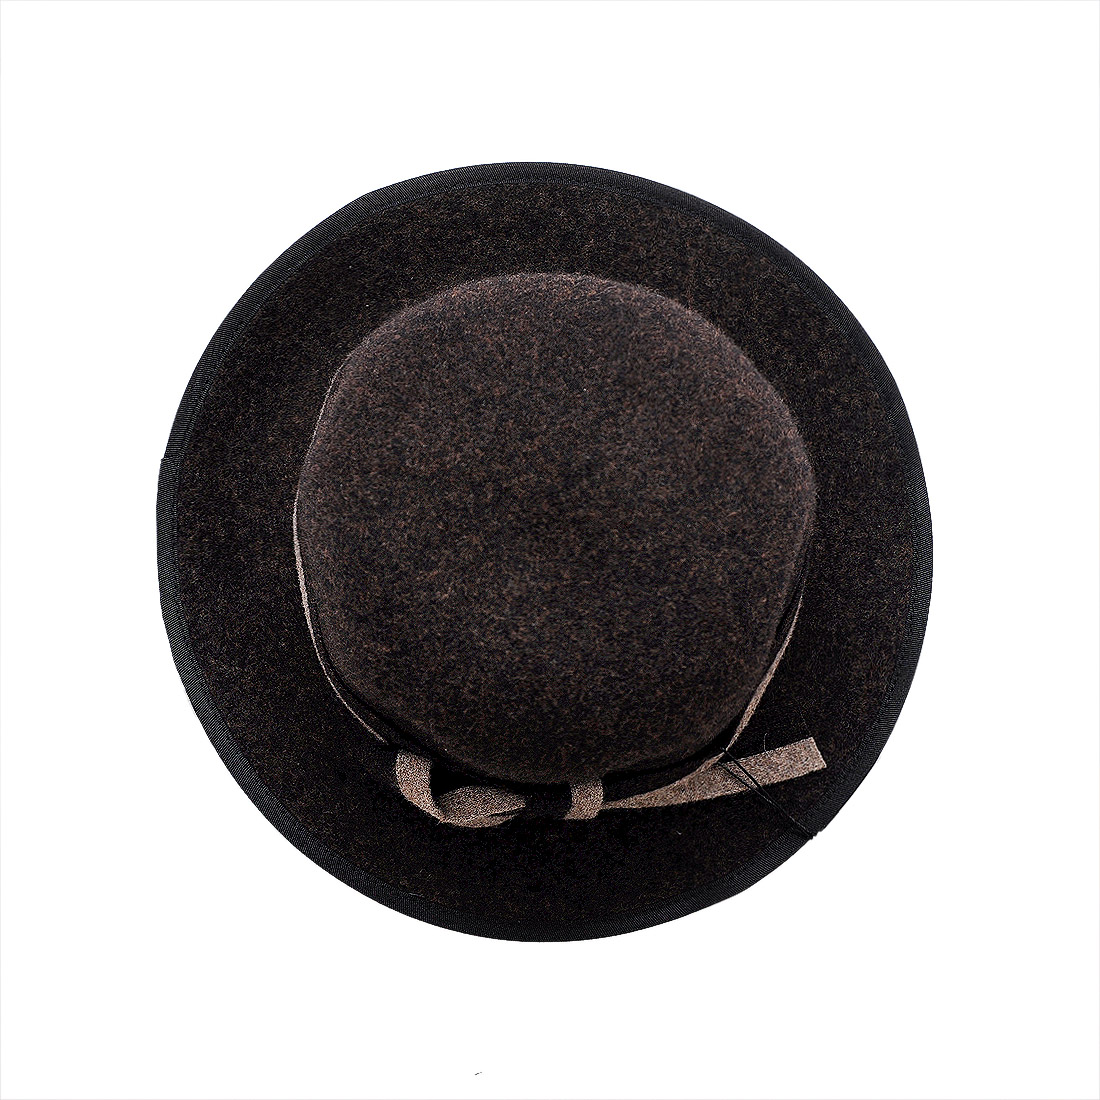 Mũ vành dạ thời trang cao cấp màu mâu EH39-2